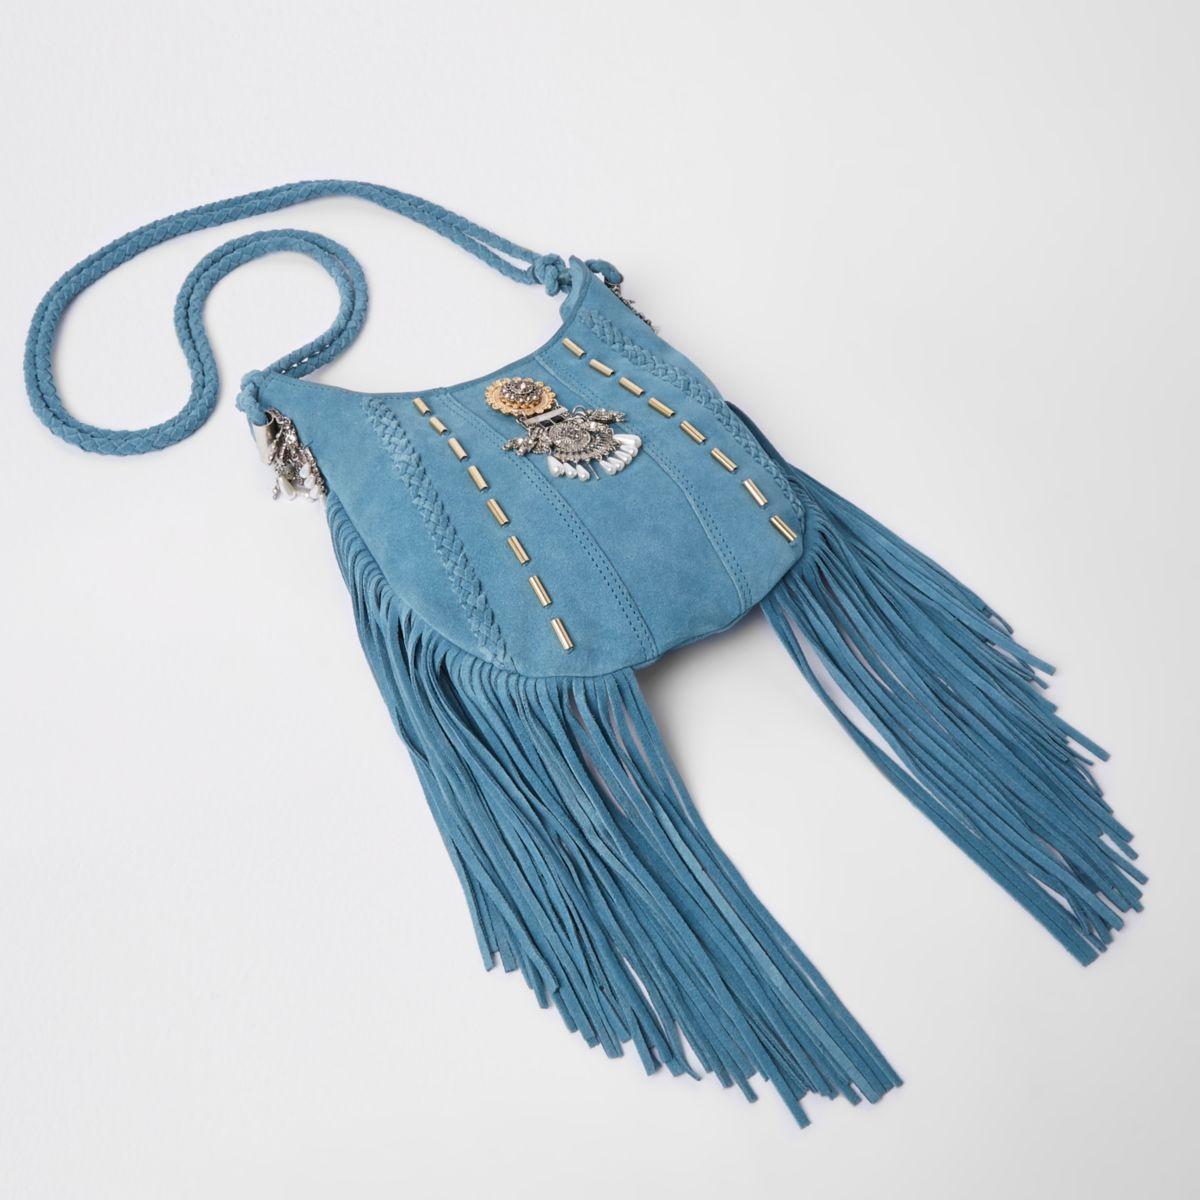 Blauwe verfraaide crossbodytas met broche en kwastje